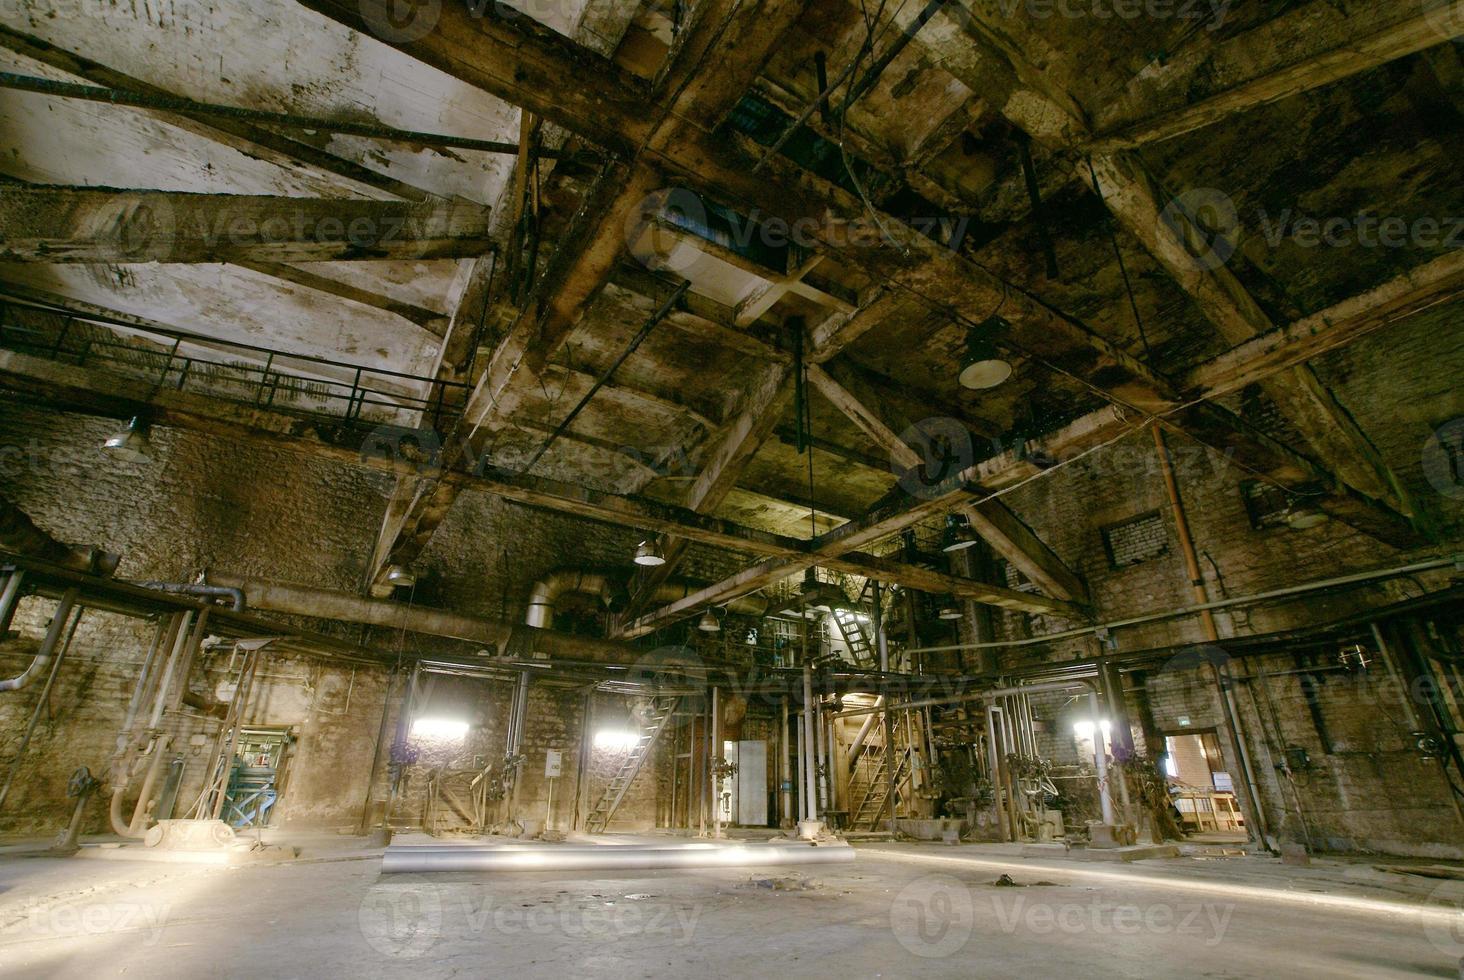 antiga fábrica assustadora, escura, em decomposição, destrutiva, suja foto